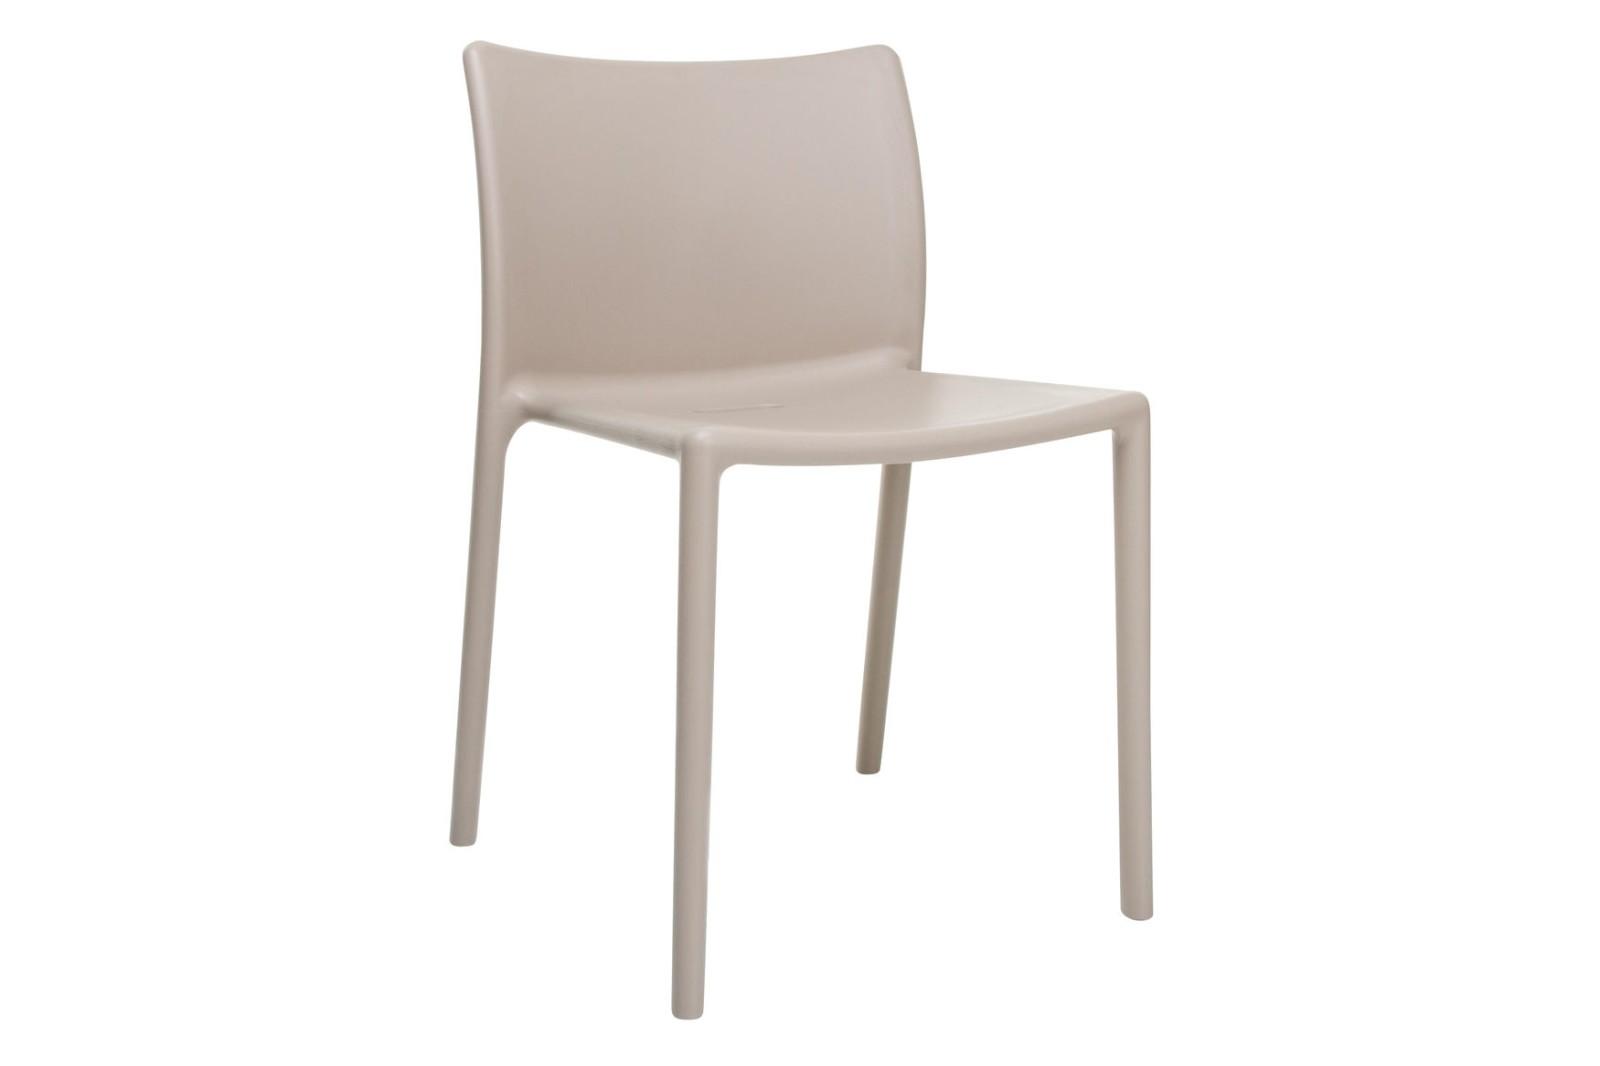 Air Dining Chair - Set of 4 Matt Beige